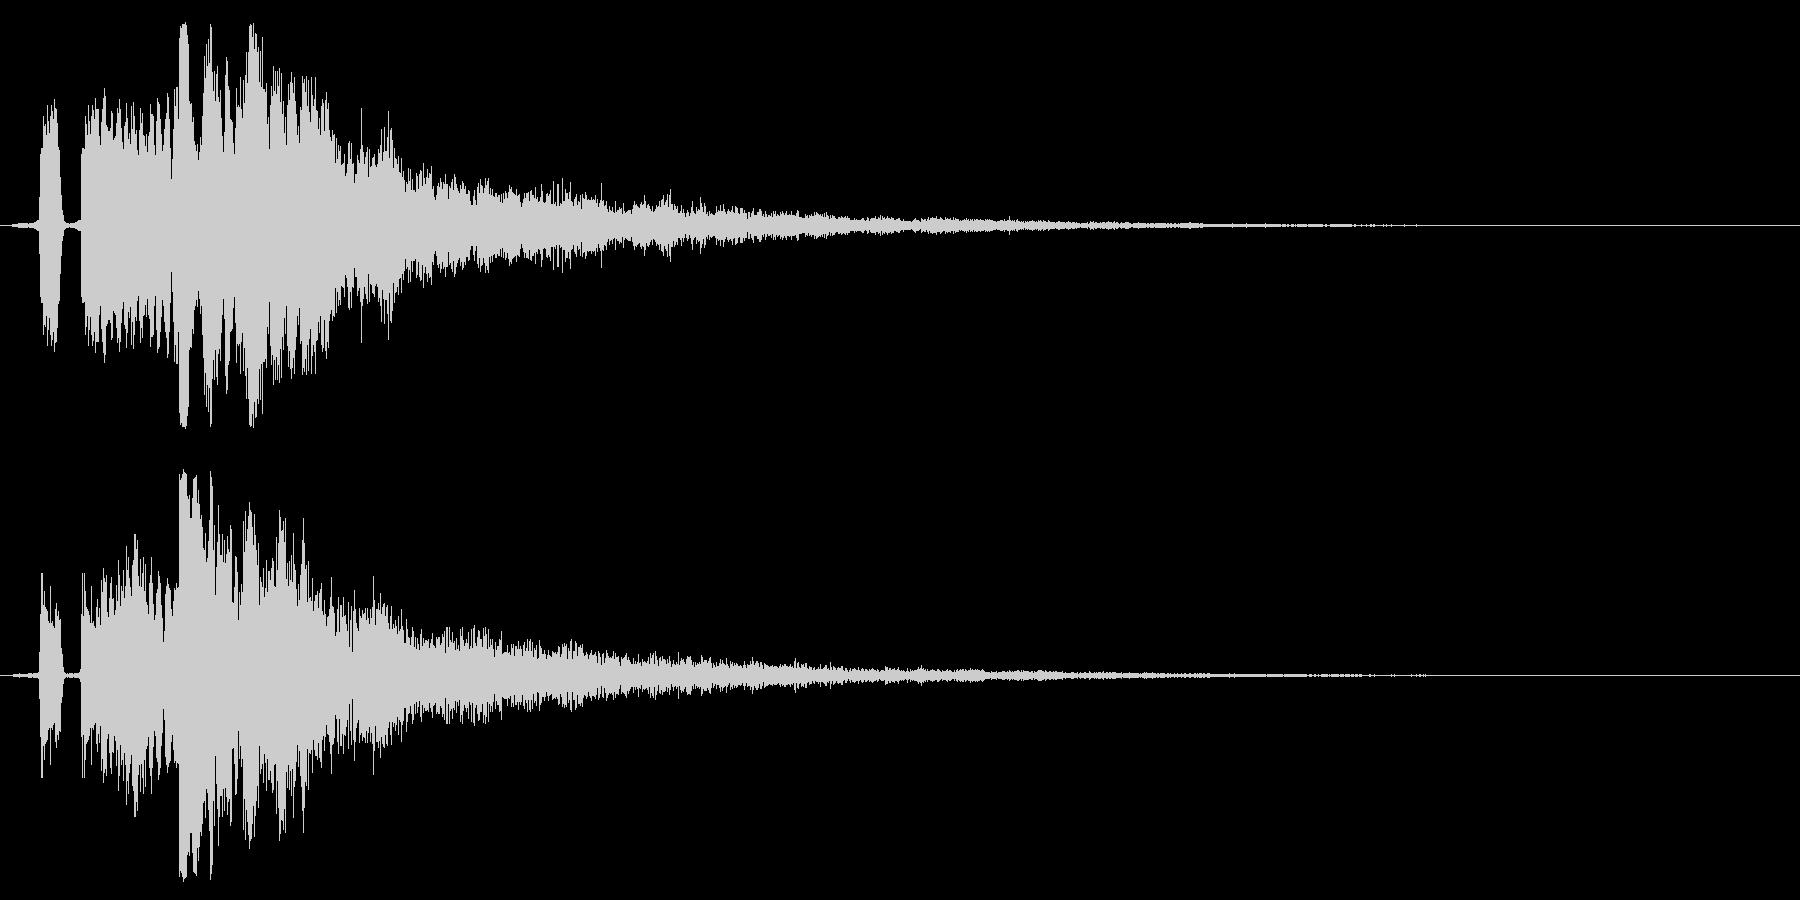 シンプルな決定/ボタン/クリック効果音5の未再生の波形